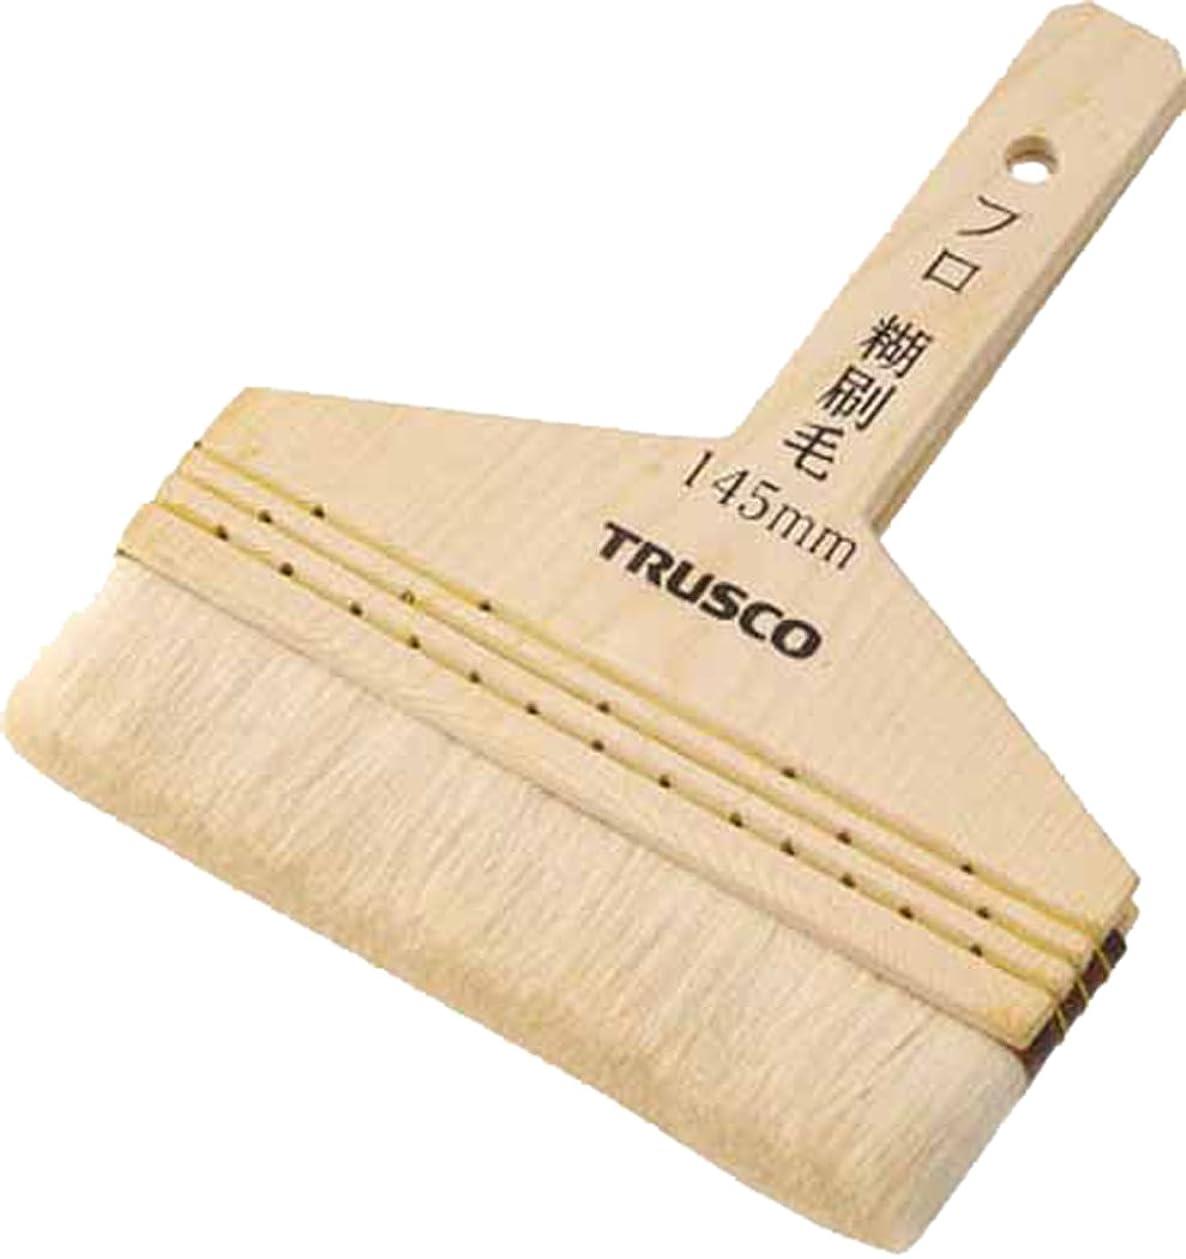 キノコ遵守する眠いですTRUSCO(トラスコ) プロ用糊刷毛 5寸 TPB-473